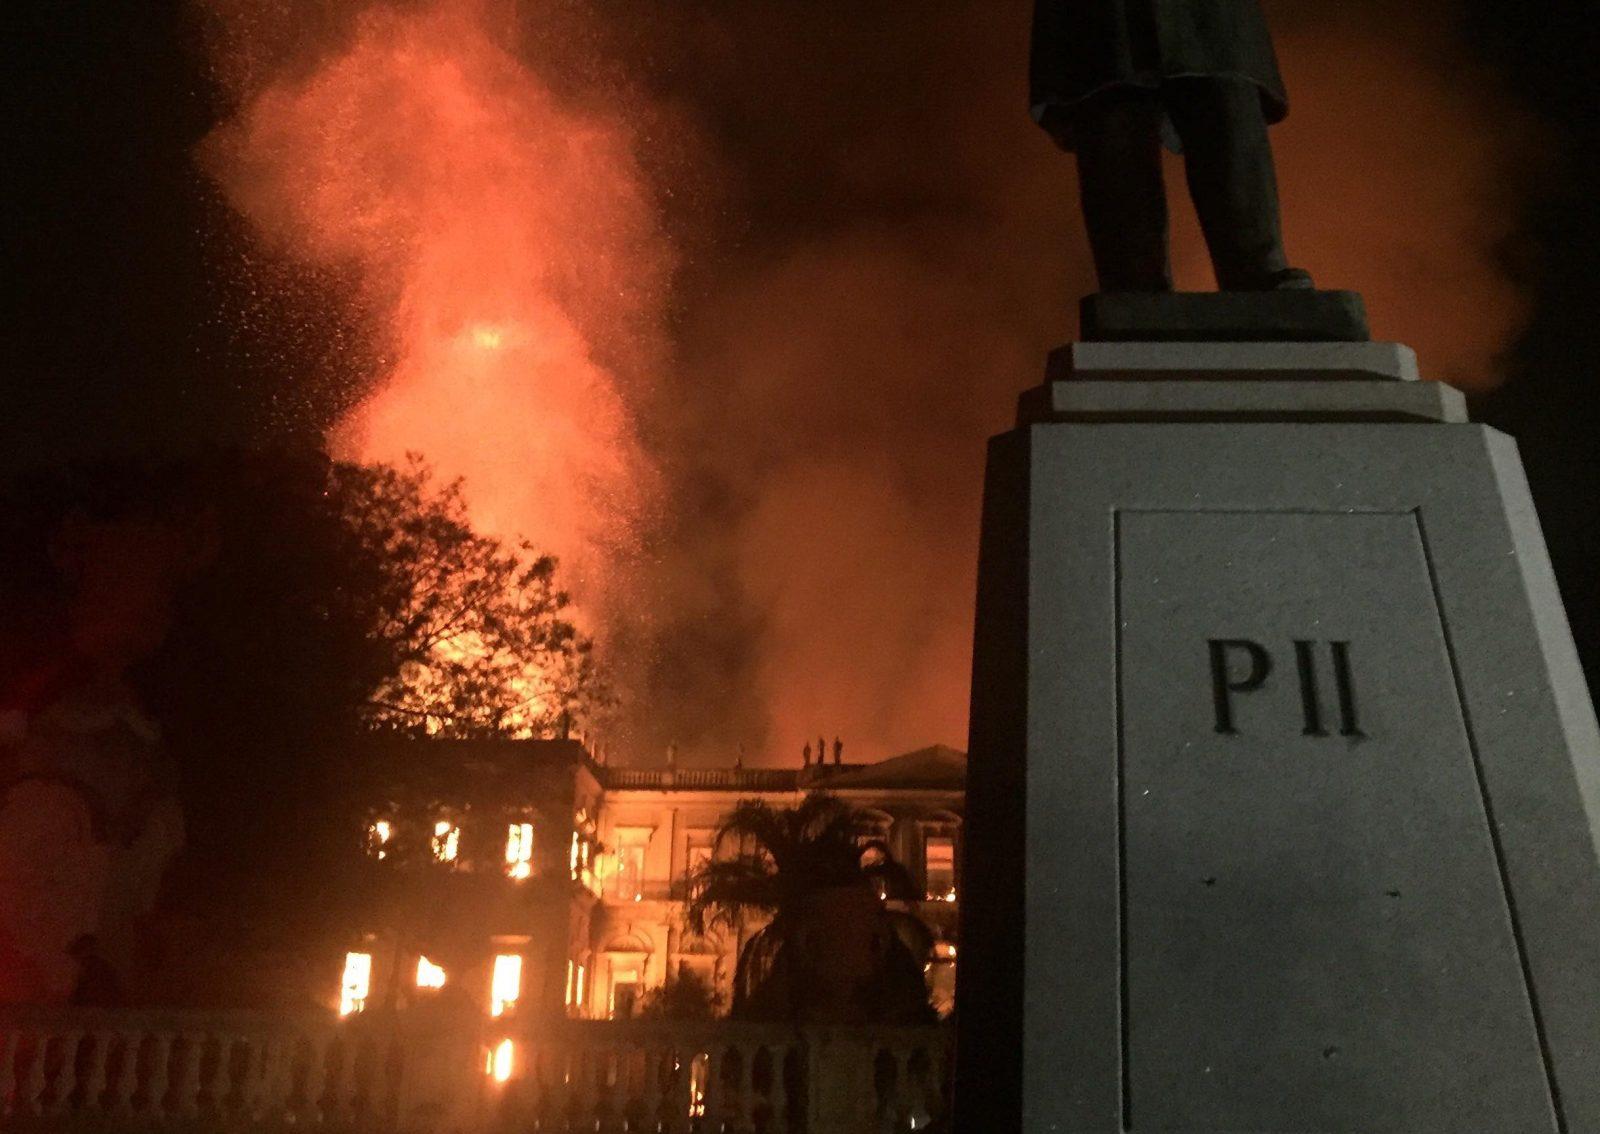 Fire at the Museo Nacional in Rio de Janeiro, Brazil, September 2, 2018.